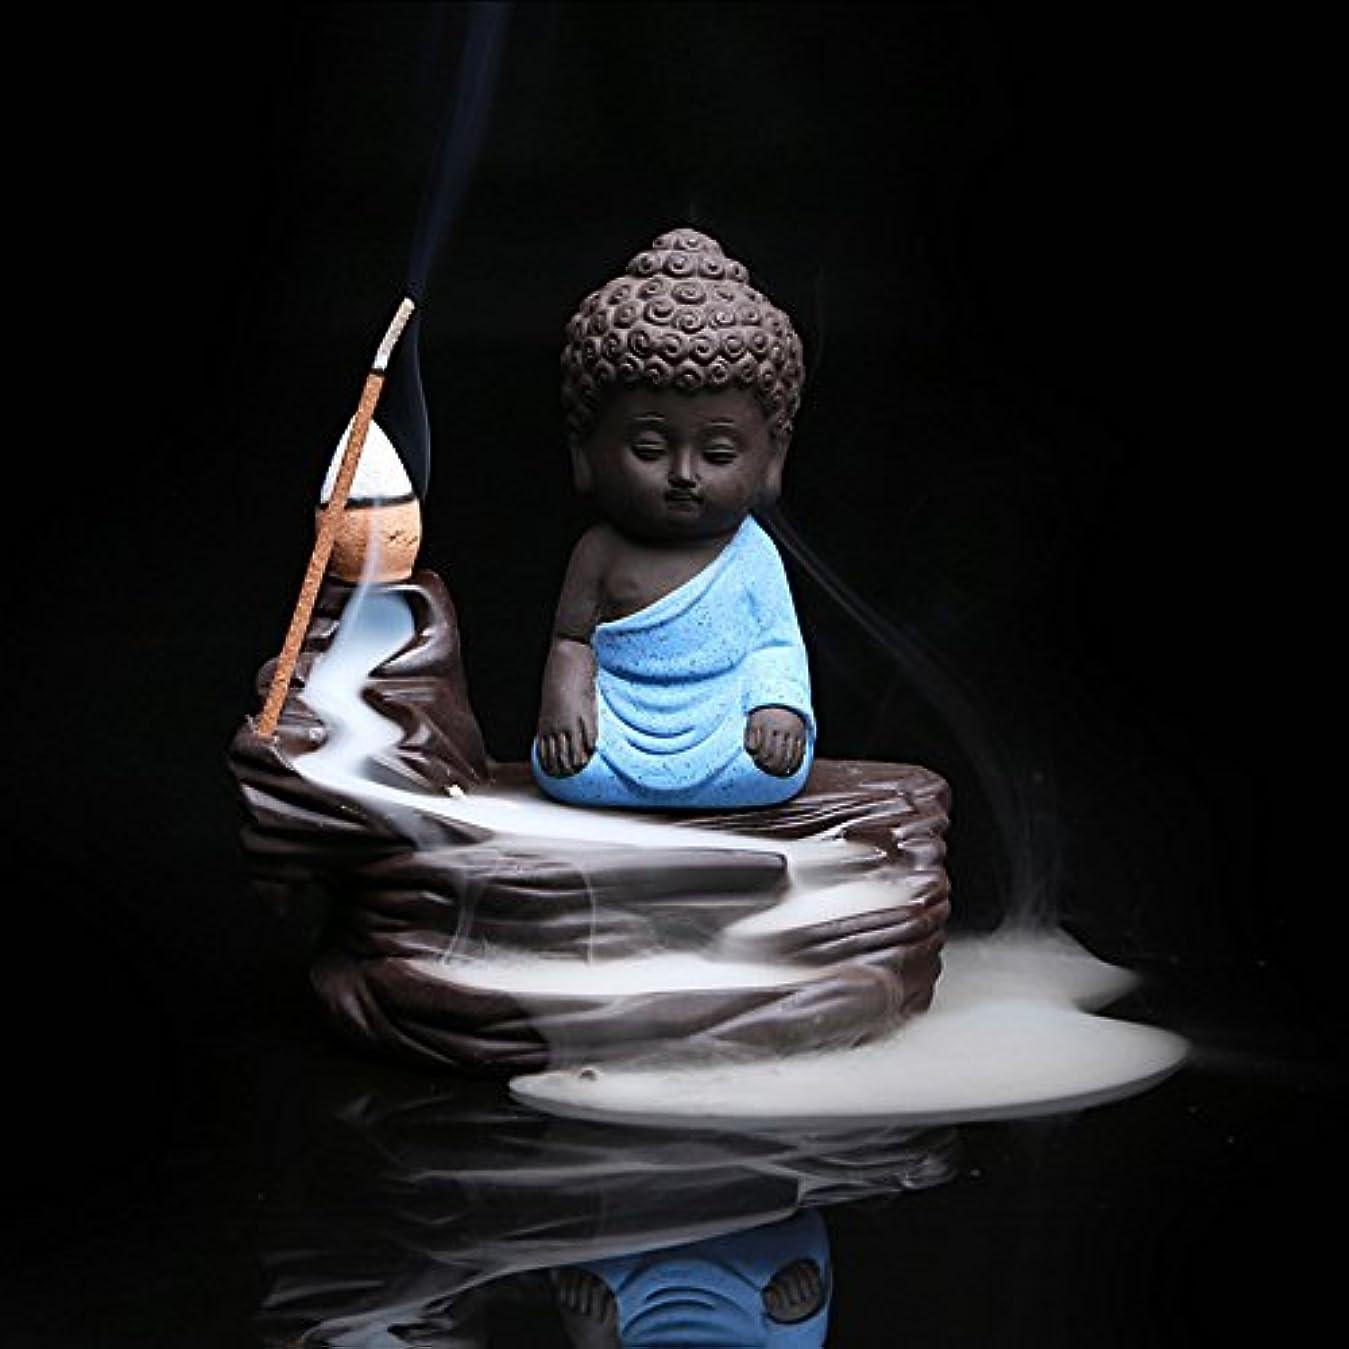 レイア香り飛躍Zehuiホームデコレーションクリエイティブ逆流香炉コーンスティックホルダーSmall Buddhaセラミック香炉ホーム装飾 ブルー mhy-ZJ1204-jj125